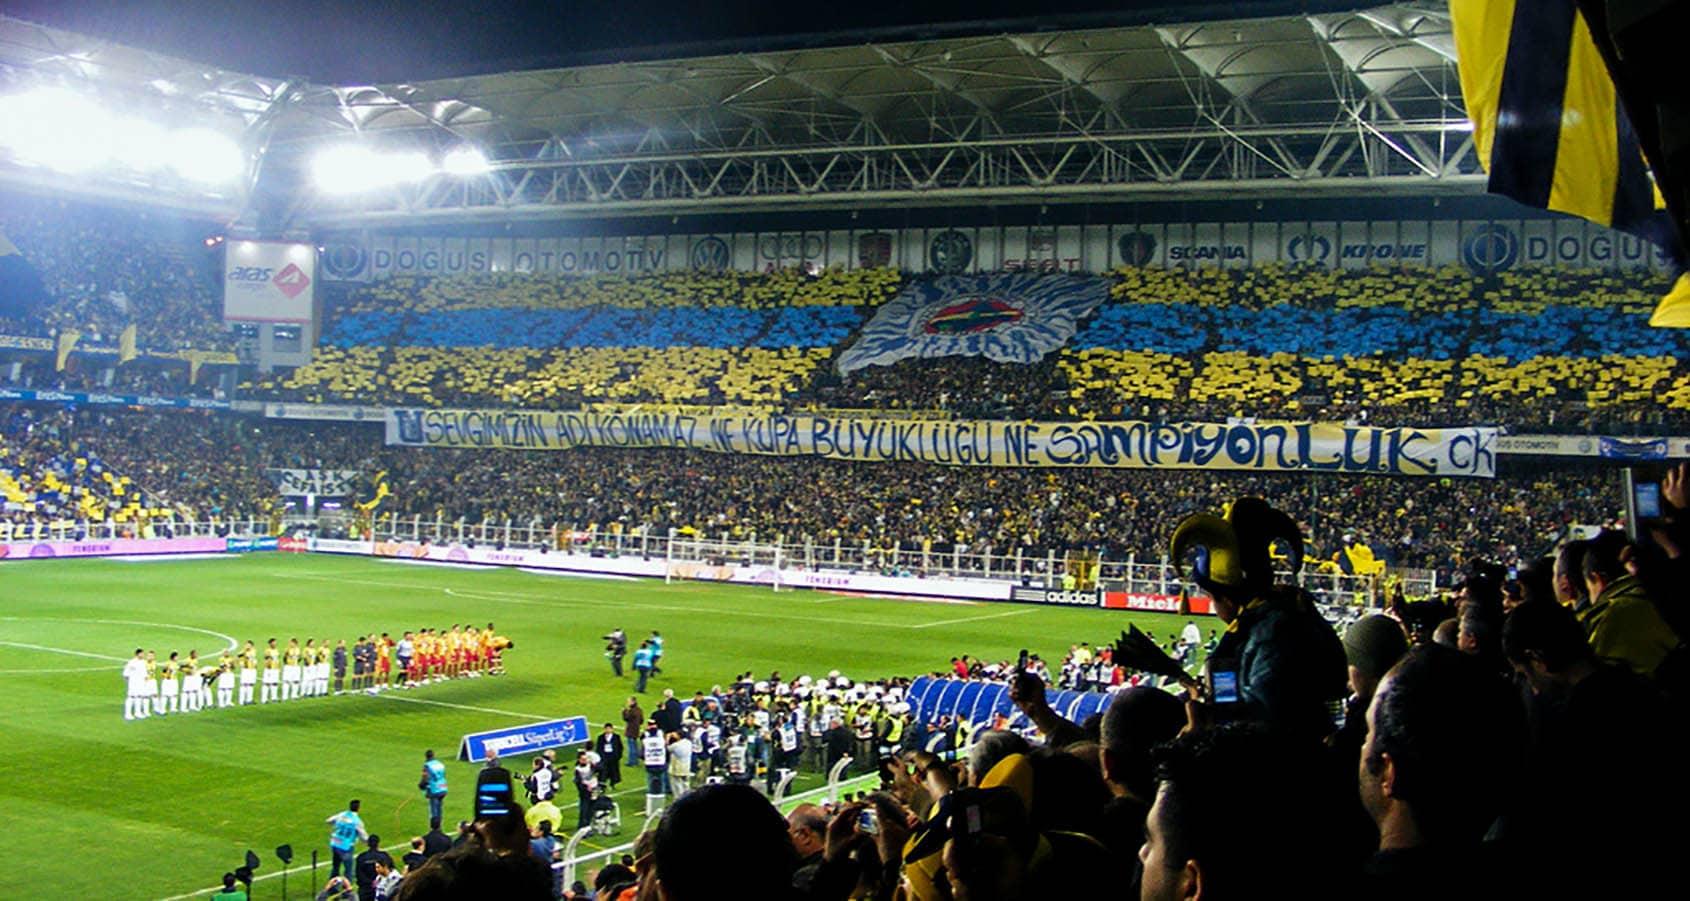 Fotbollsresor, Süper Lig Biljetter, Turkiet